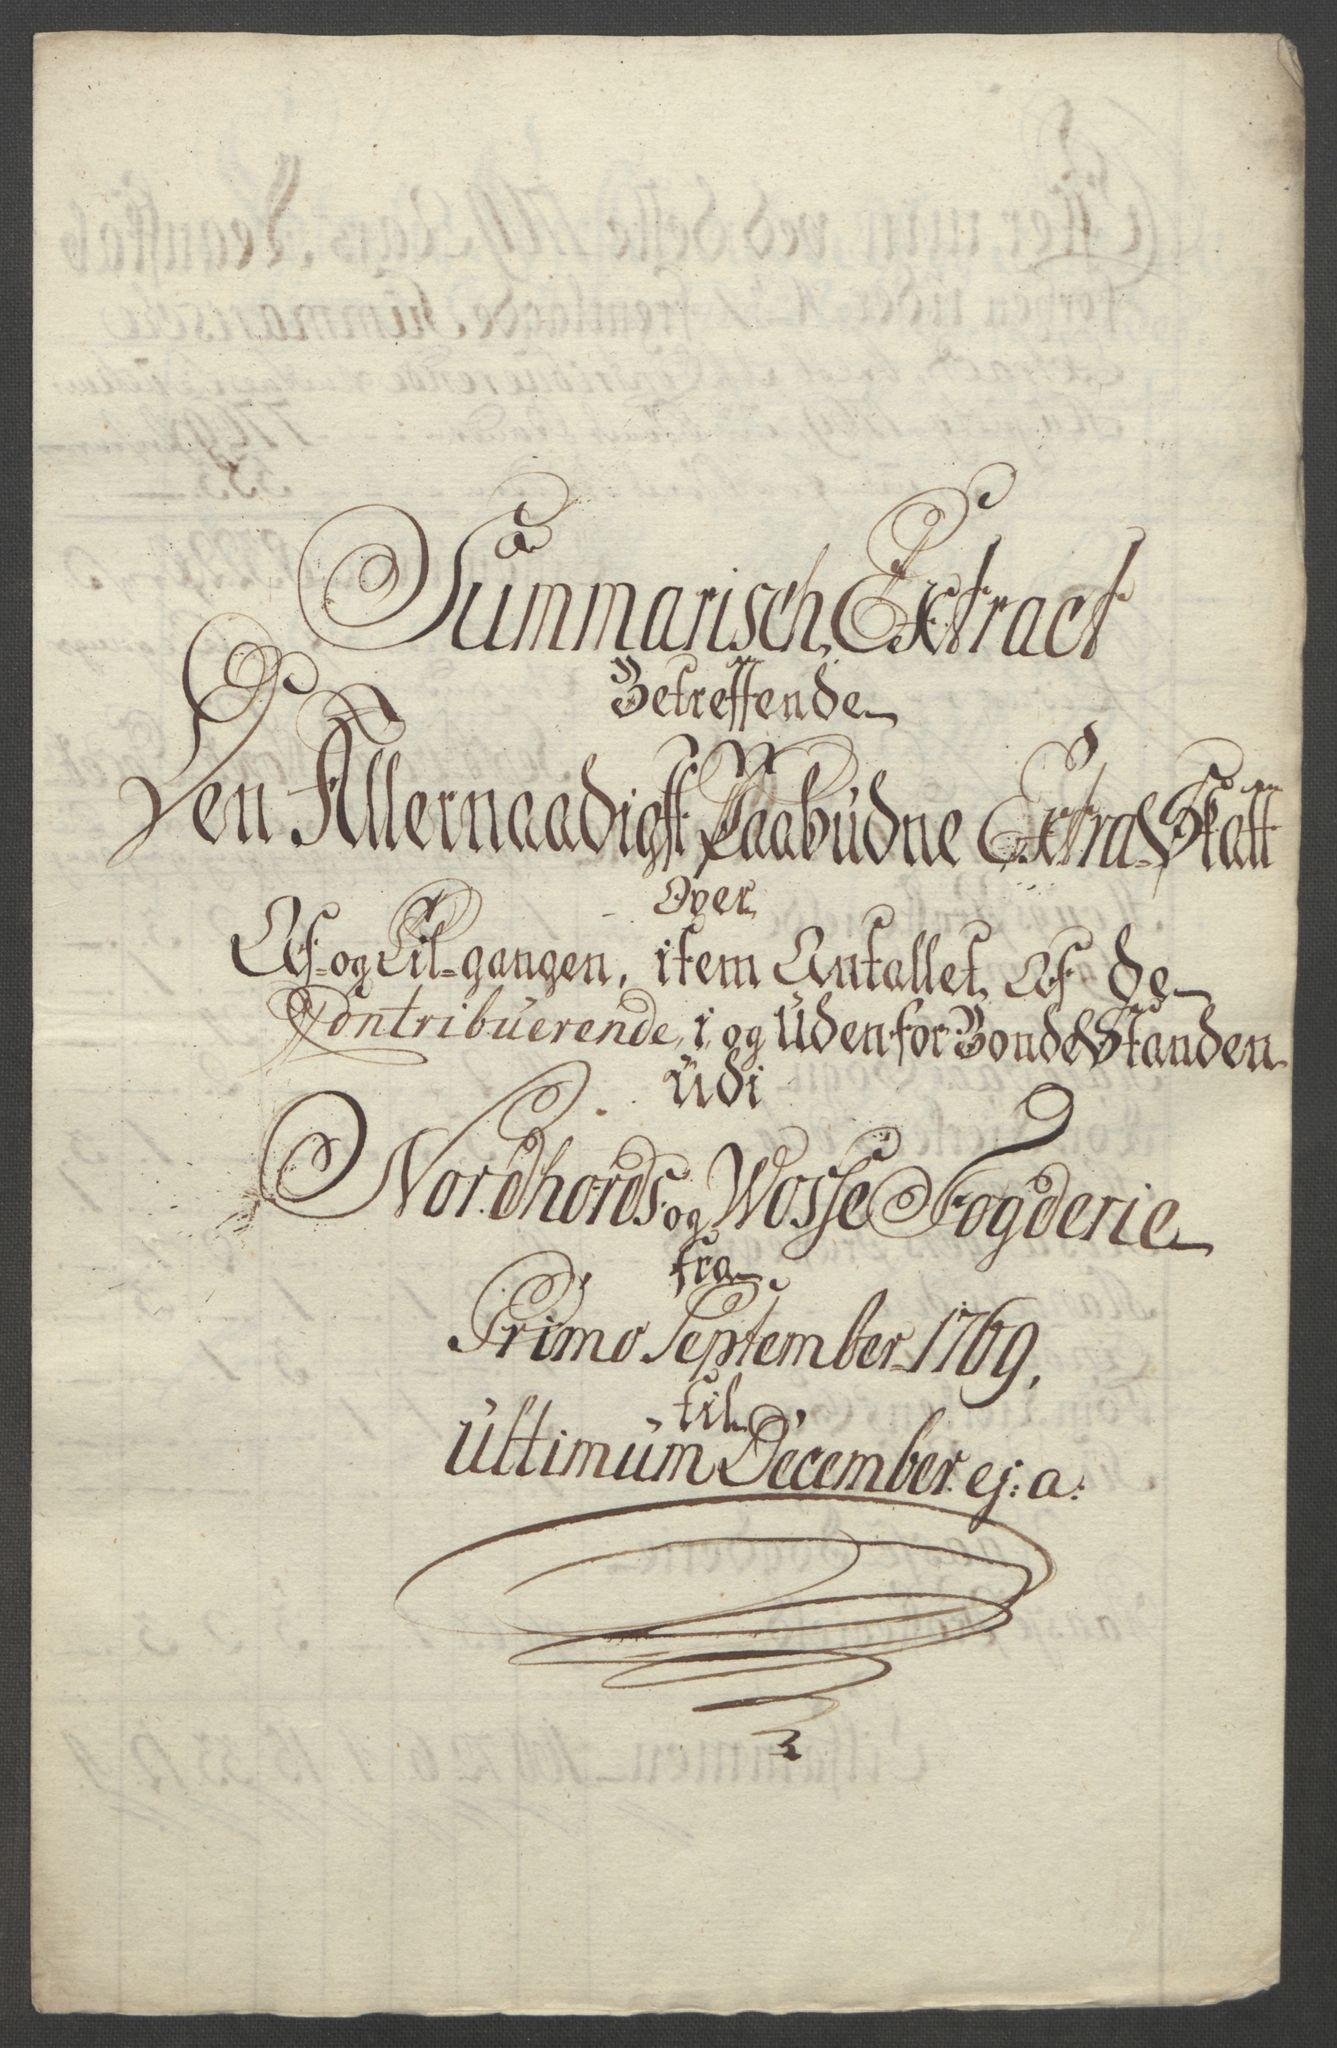 RA, Rentekammeret inntil 1814, Reviderte regnskaper, Fogderegnskap, R51/L3303: Ekstraskatten Nordhordland og Voss, 1762-1772, s. 352